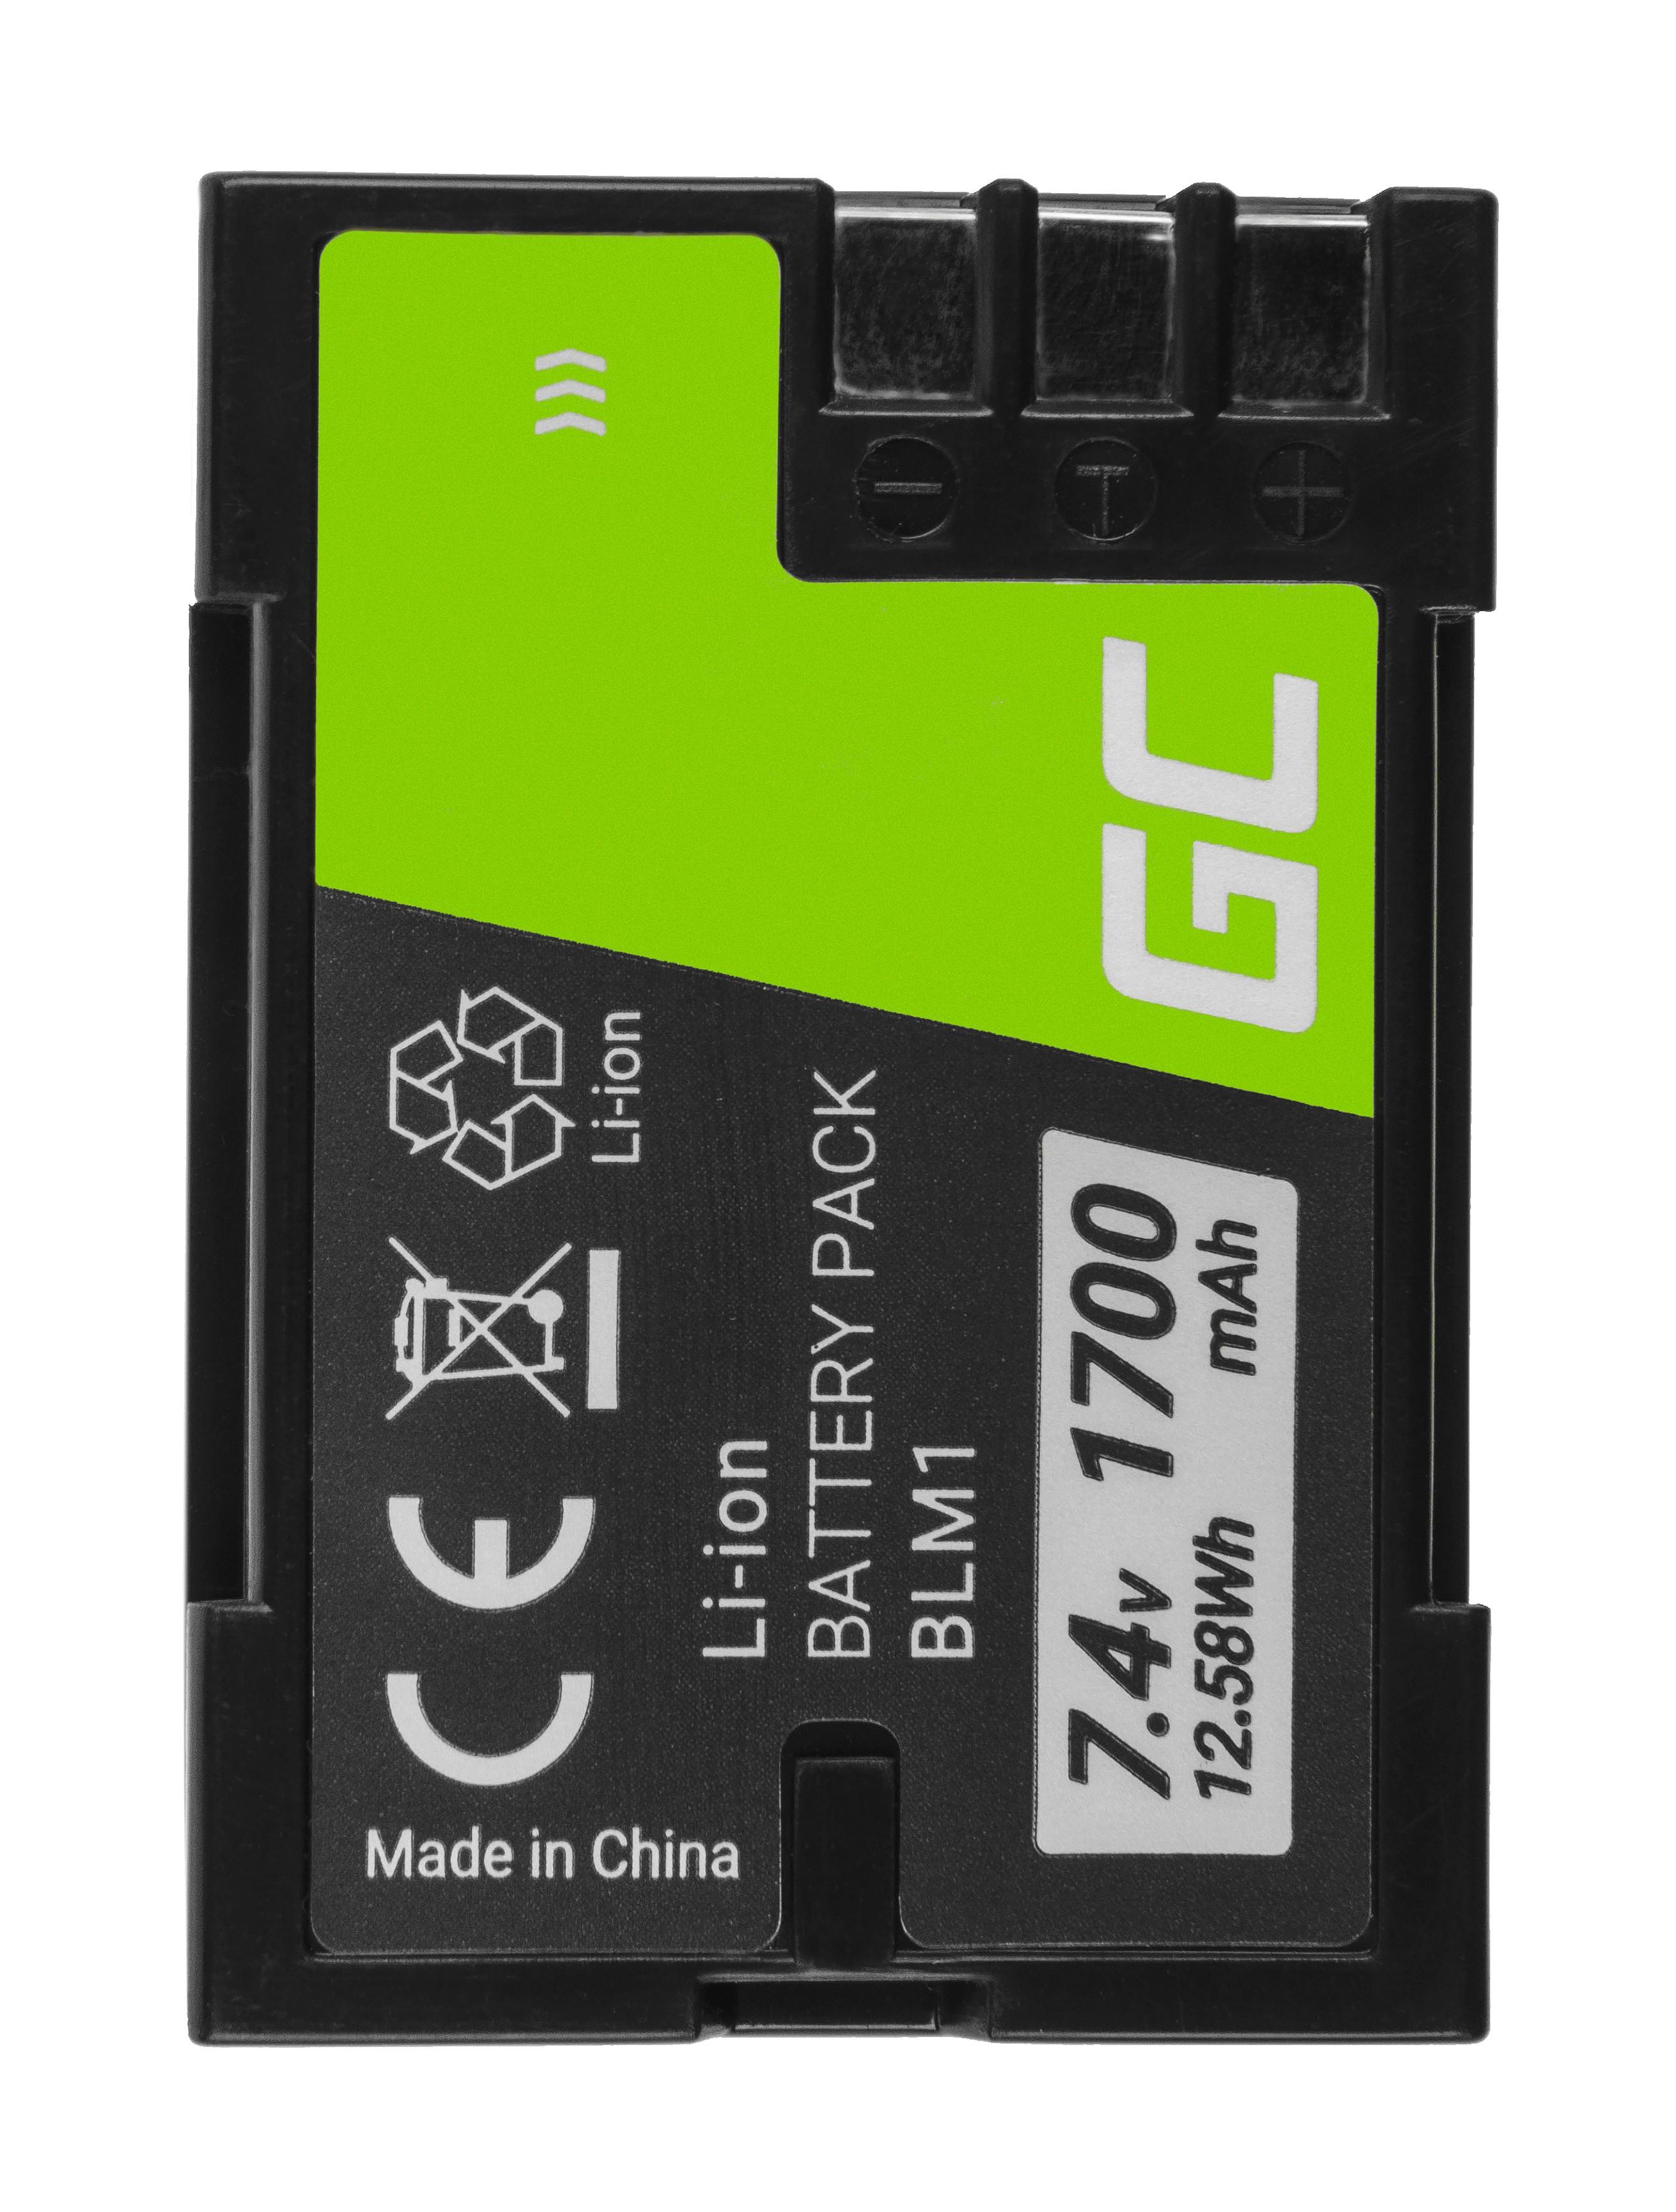 Batteri BLM-1 BLM1 do Olympus CAMEDIA C-7070, E-300,volt E-500 7.4V 1700mAh